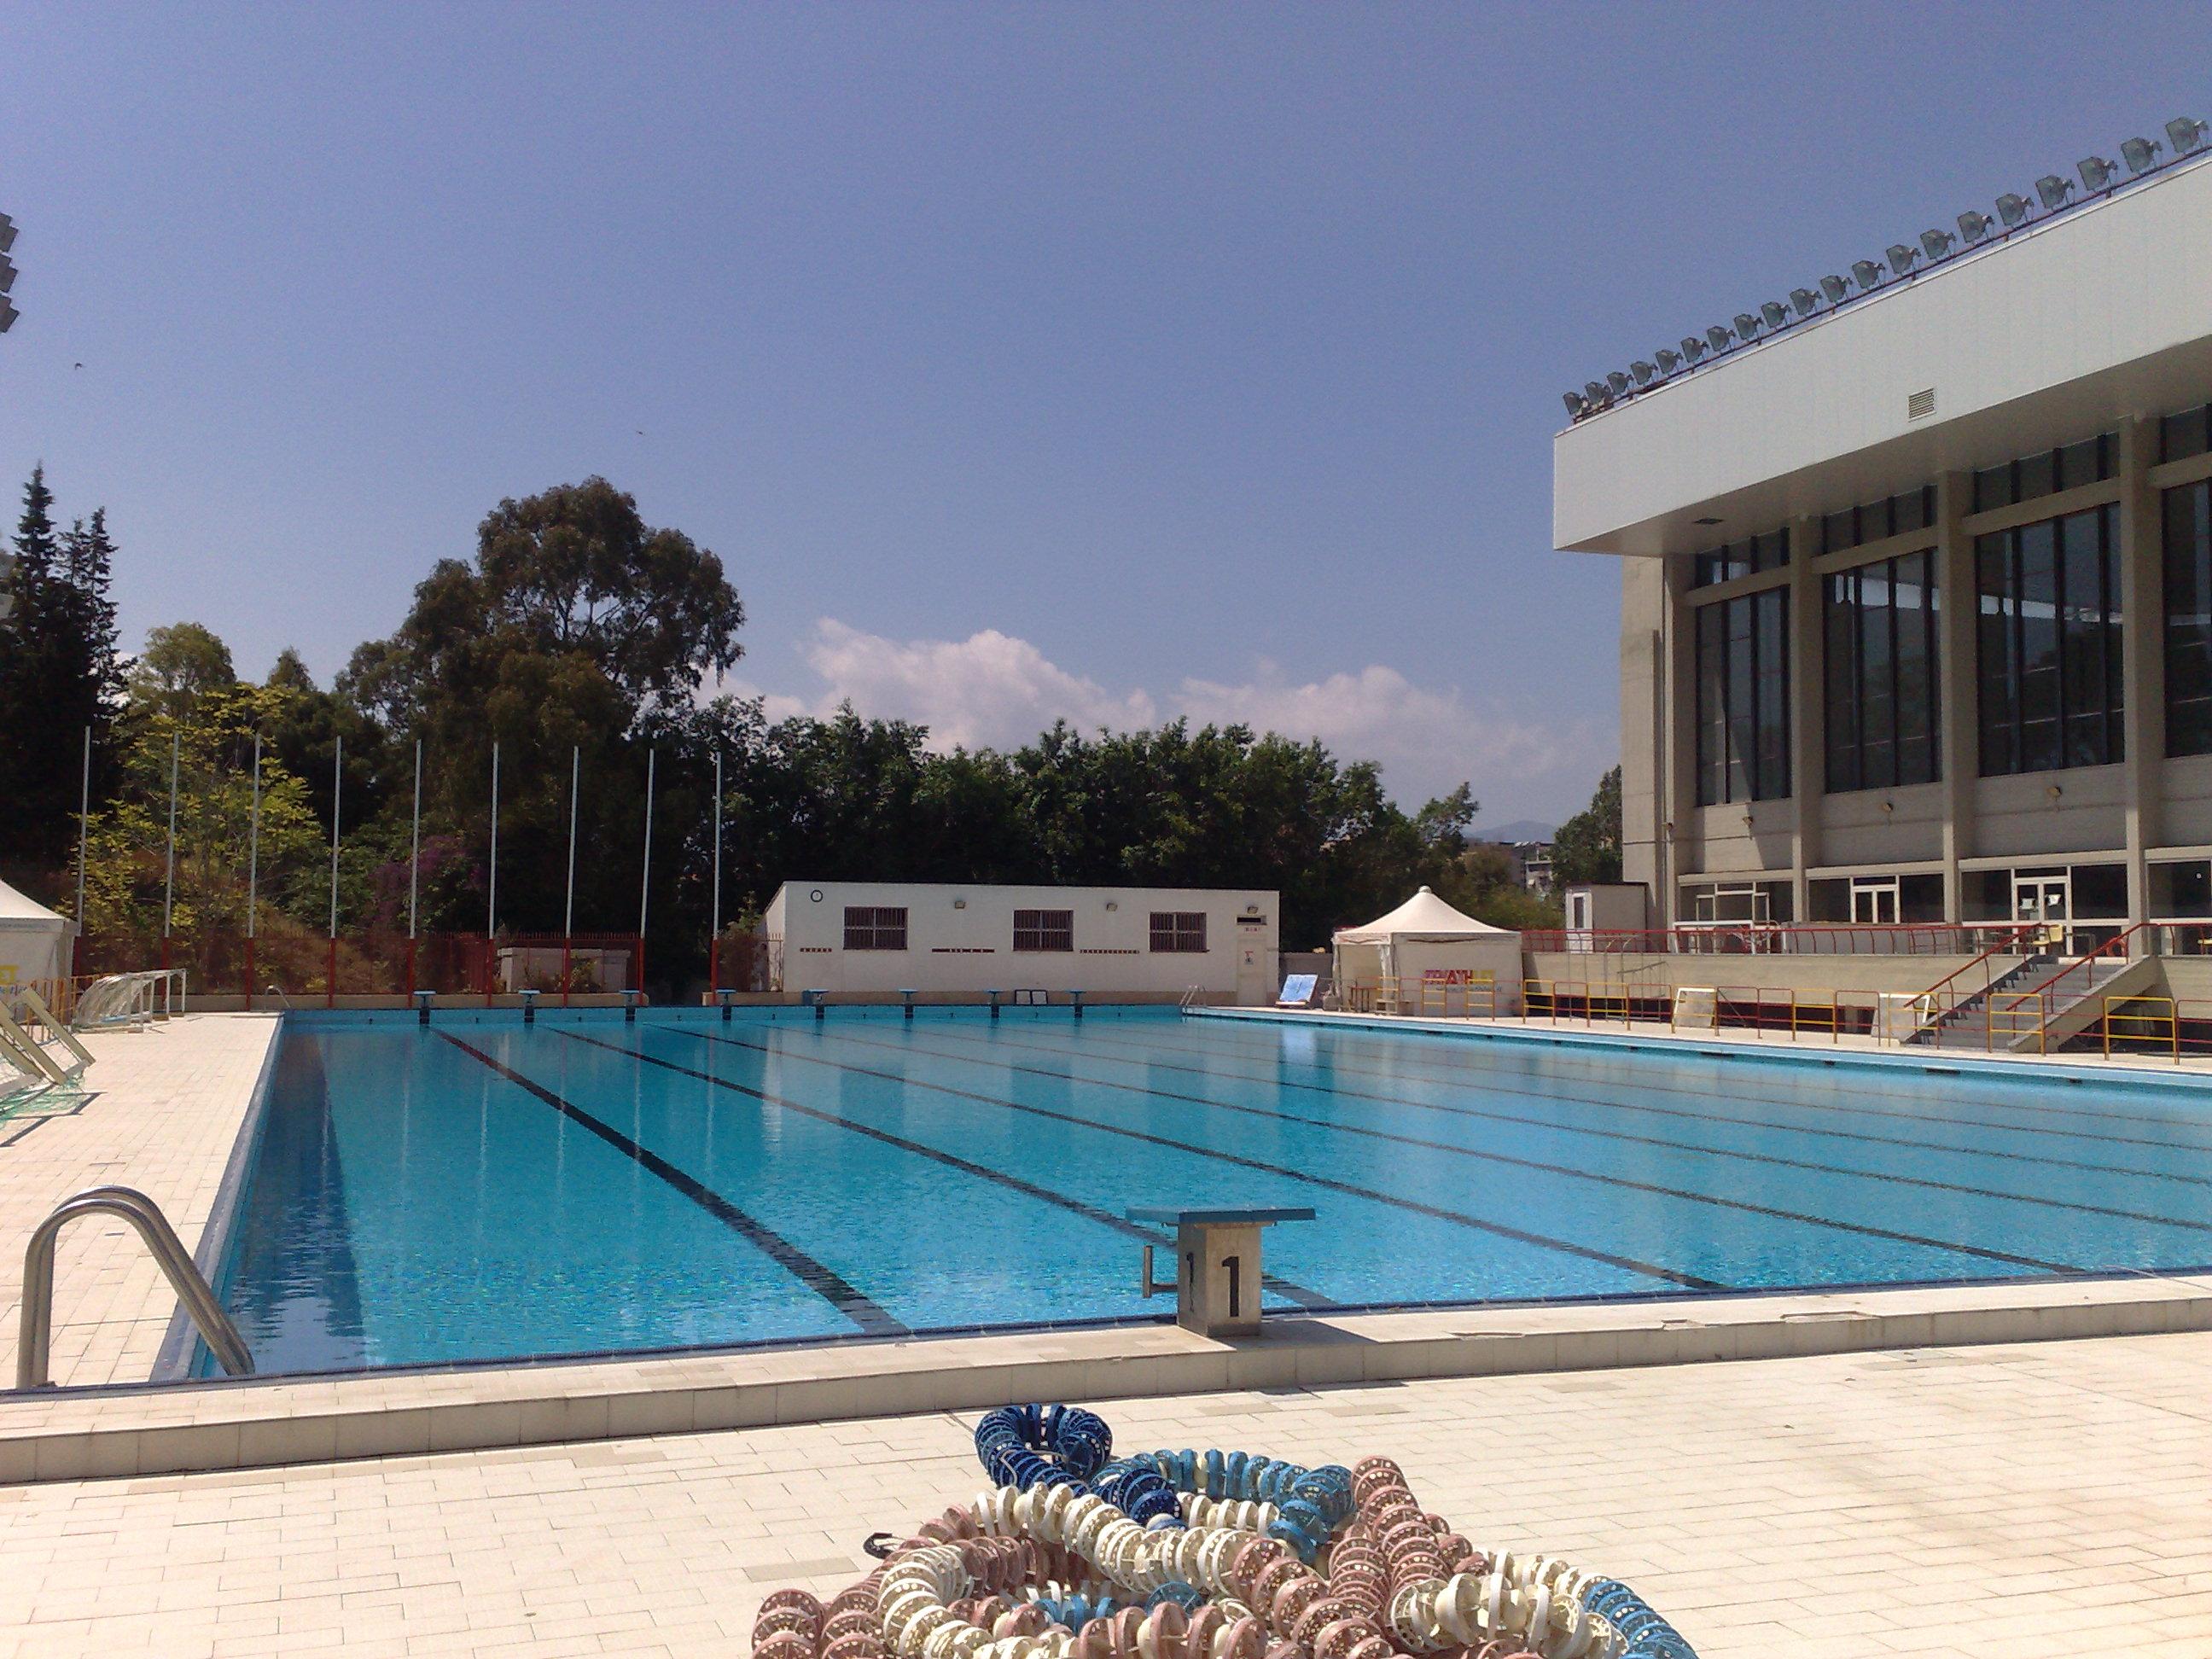 Piscina comunale corsi gratuiti in acqua per gestanti - Corsi per neonati in piscina ...